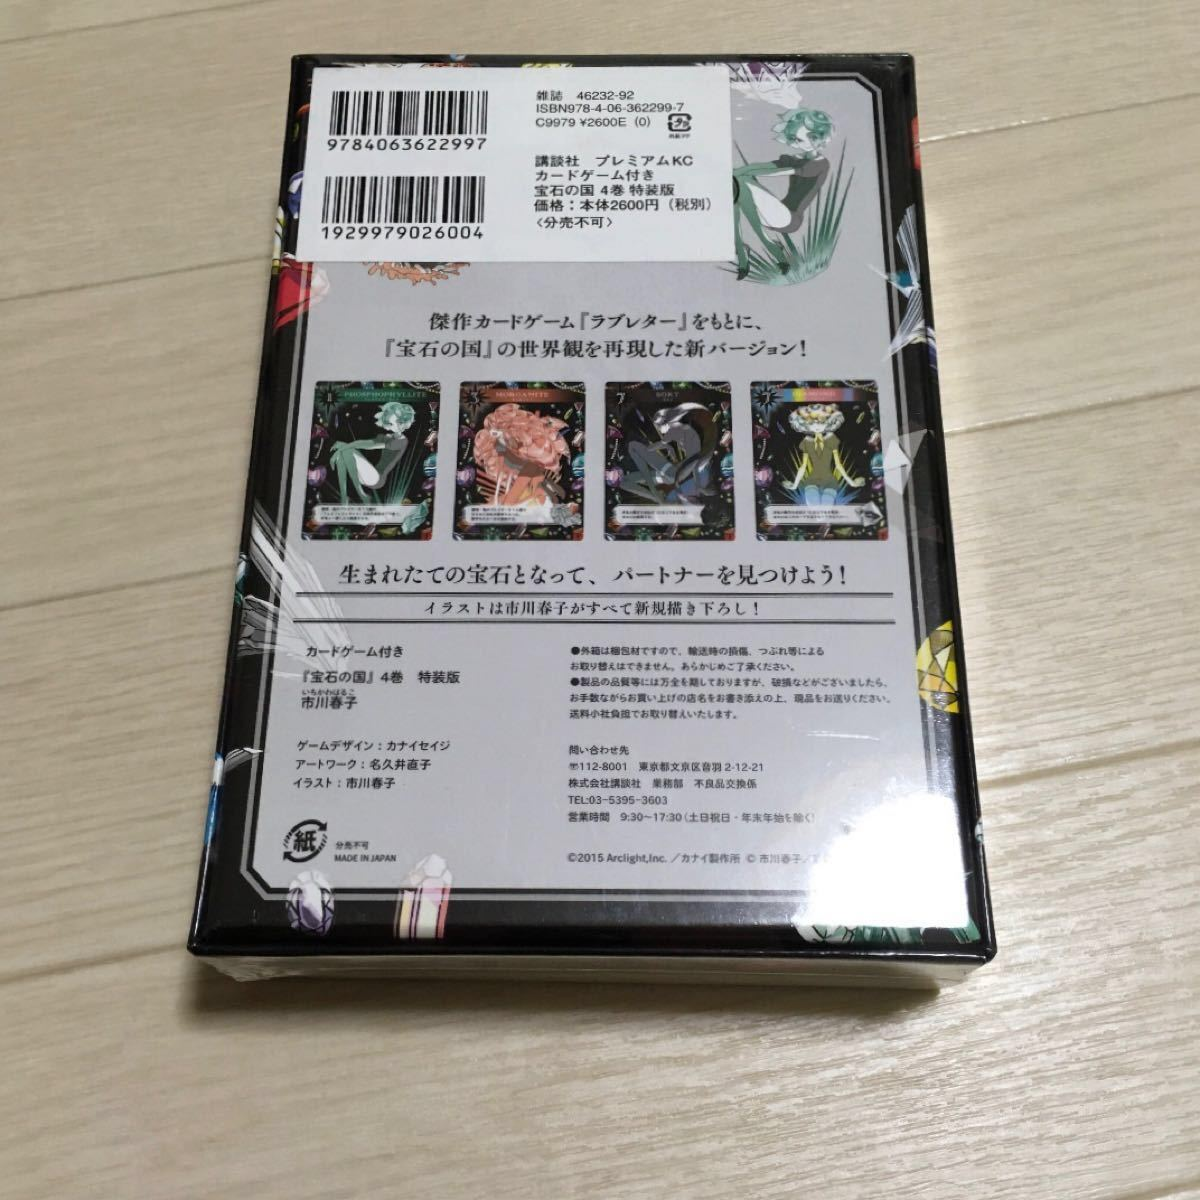 新品 宝石の国 単行本 4巻 特装版 カードゲーム付 漫画 コミック